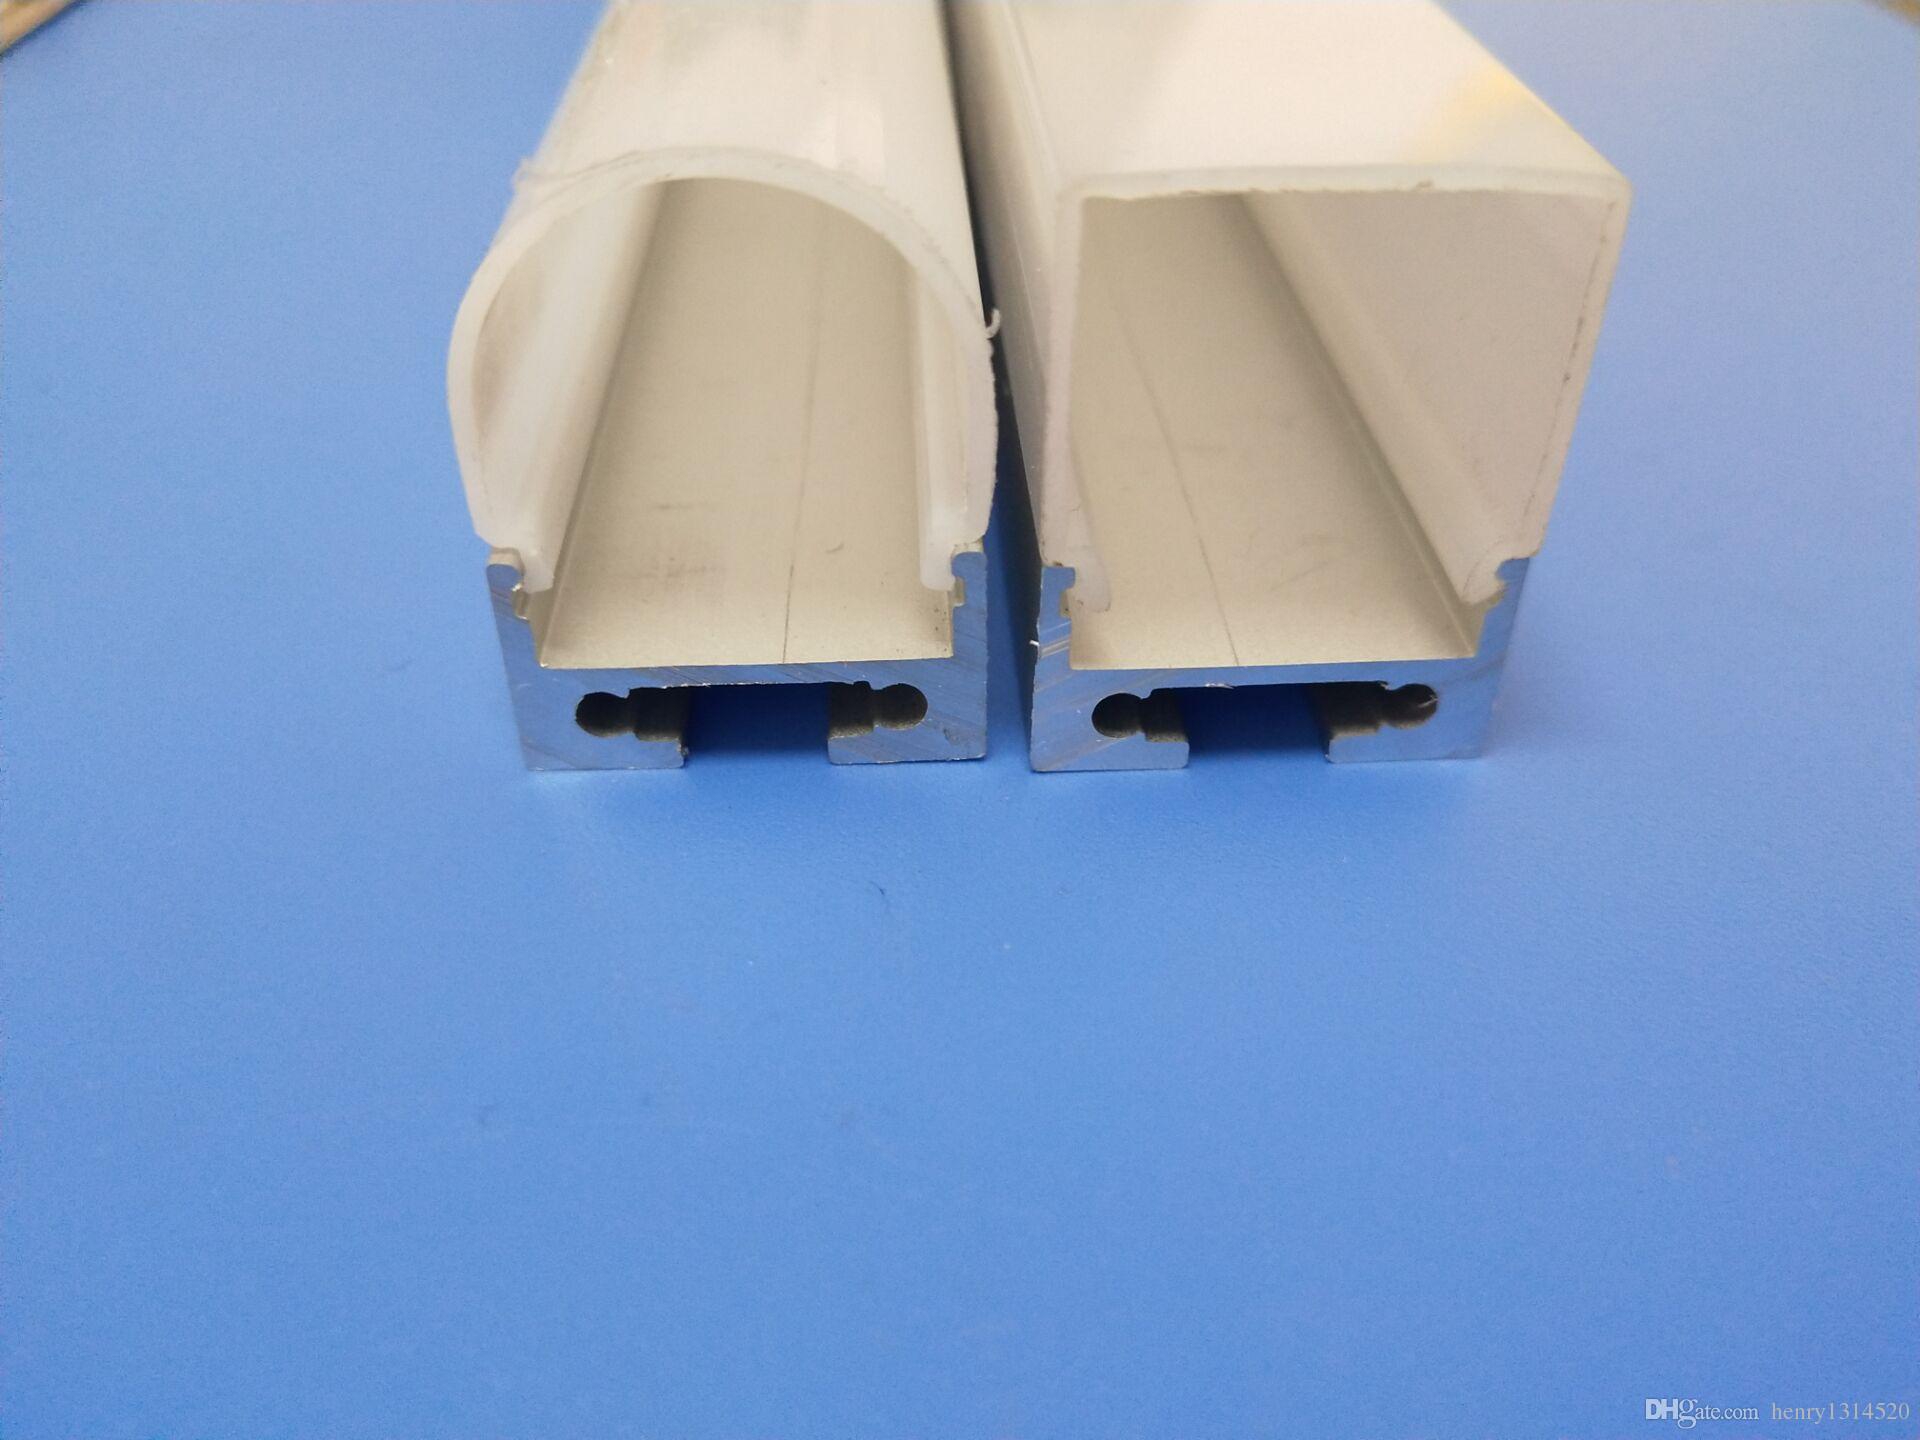 Il profilo di alluminio dell'estrusione principale vendita calda di trasporto libero per la striscia flessibile 2835/5050/5630 2m / pc 60m / lot